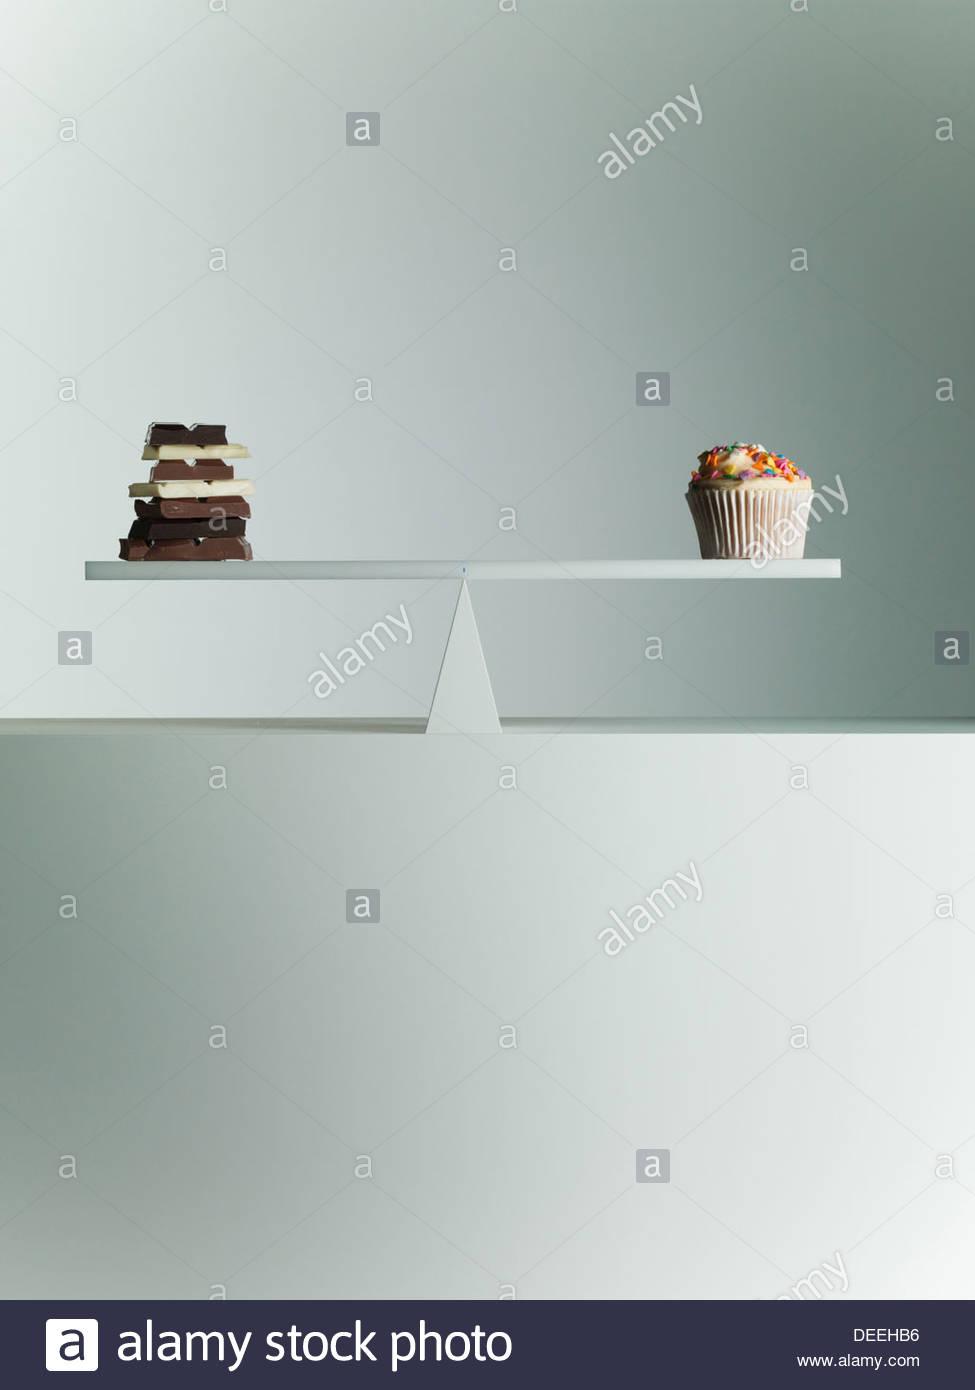 Schokoriegel und Cupcake ausgewogen auf Wippe Stockbild